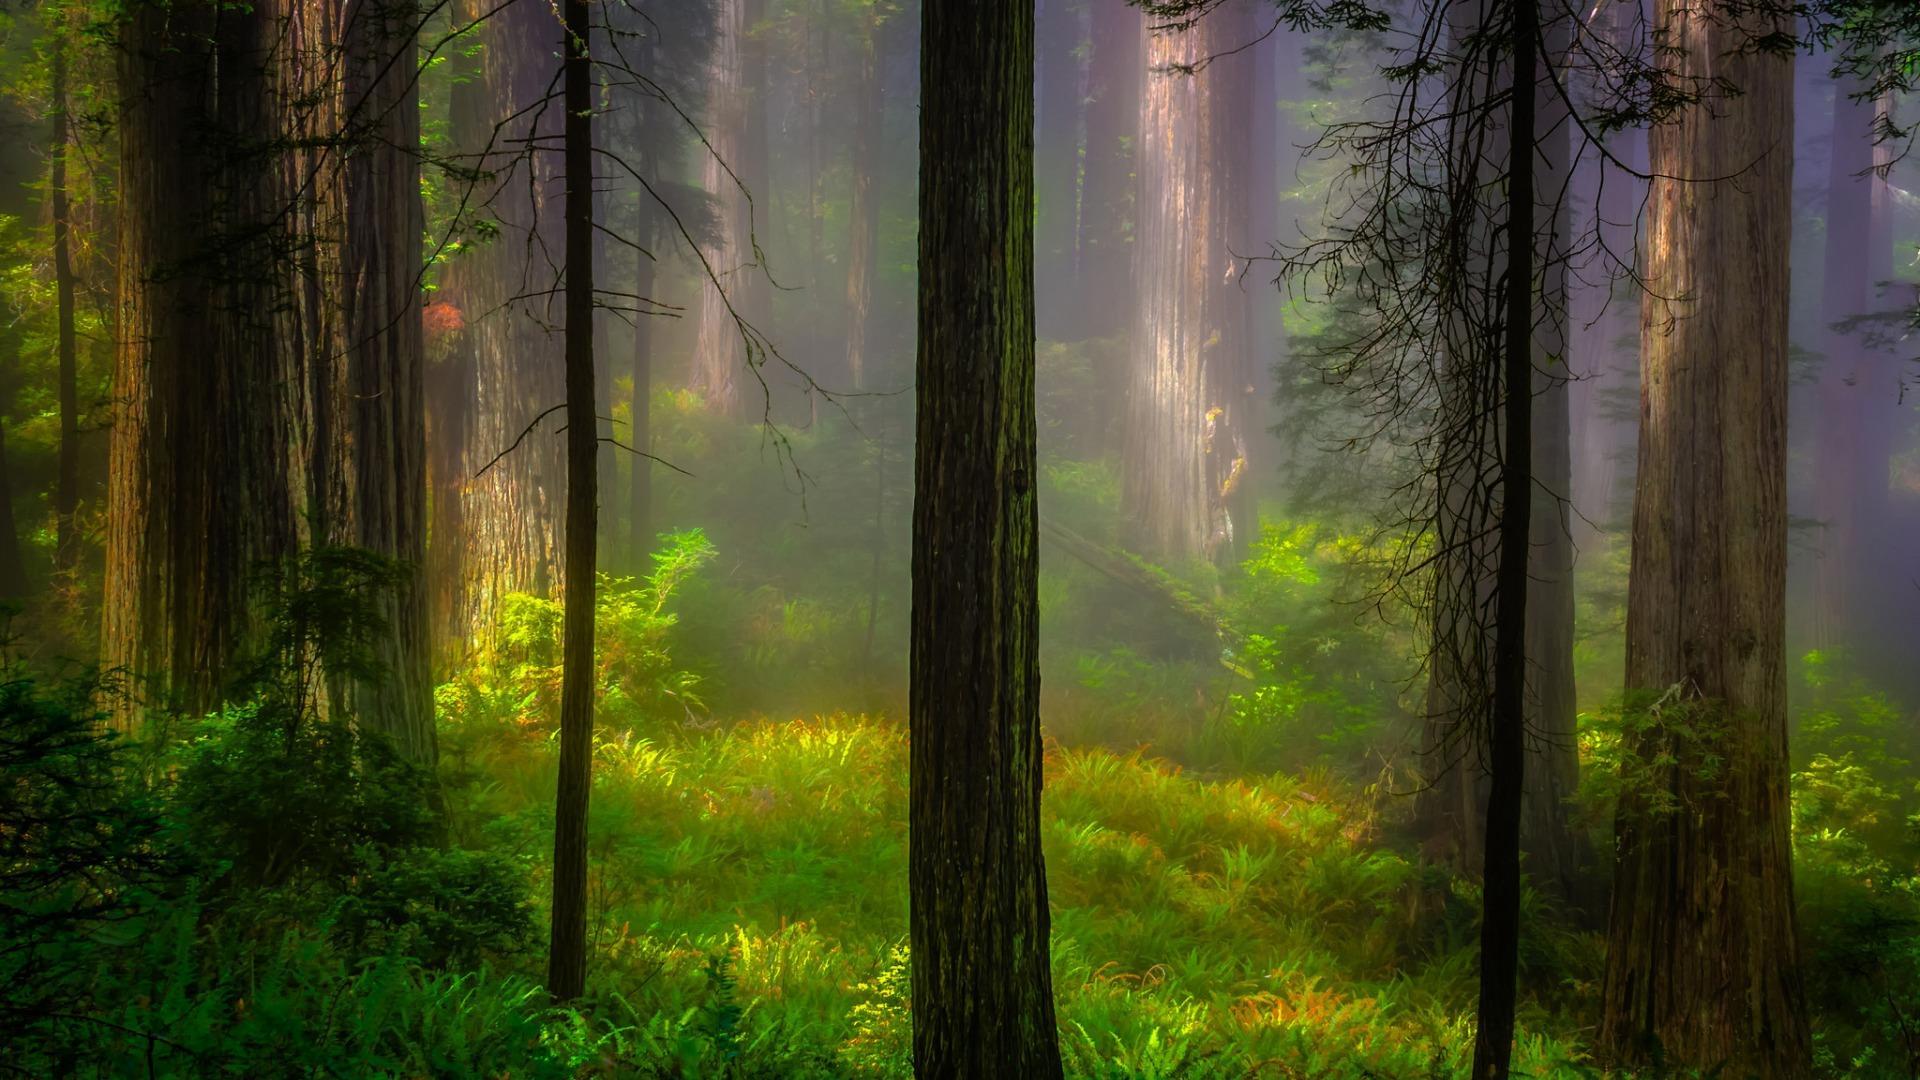 意境唯美的风景摄影图片高清宽屏壁纸